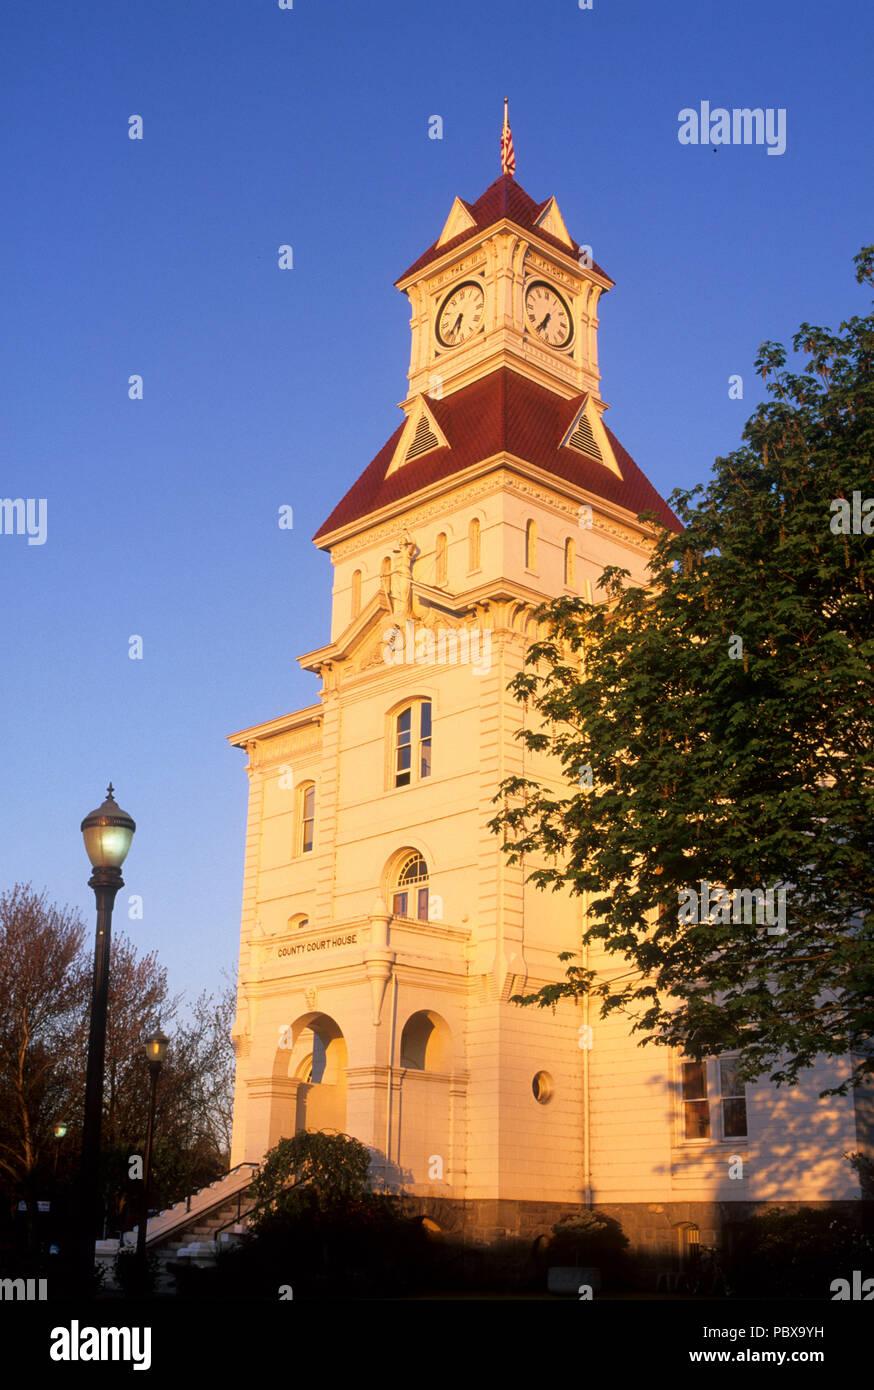 Benton County Courthouse, Corvallis, Oregon Stock Photo